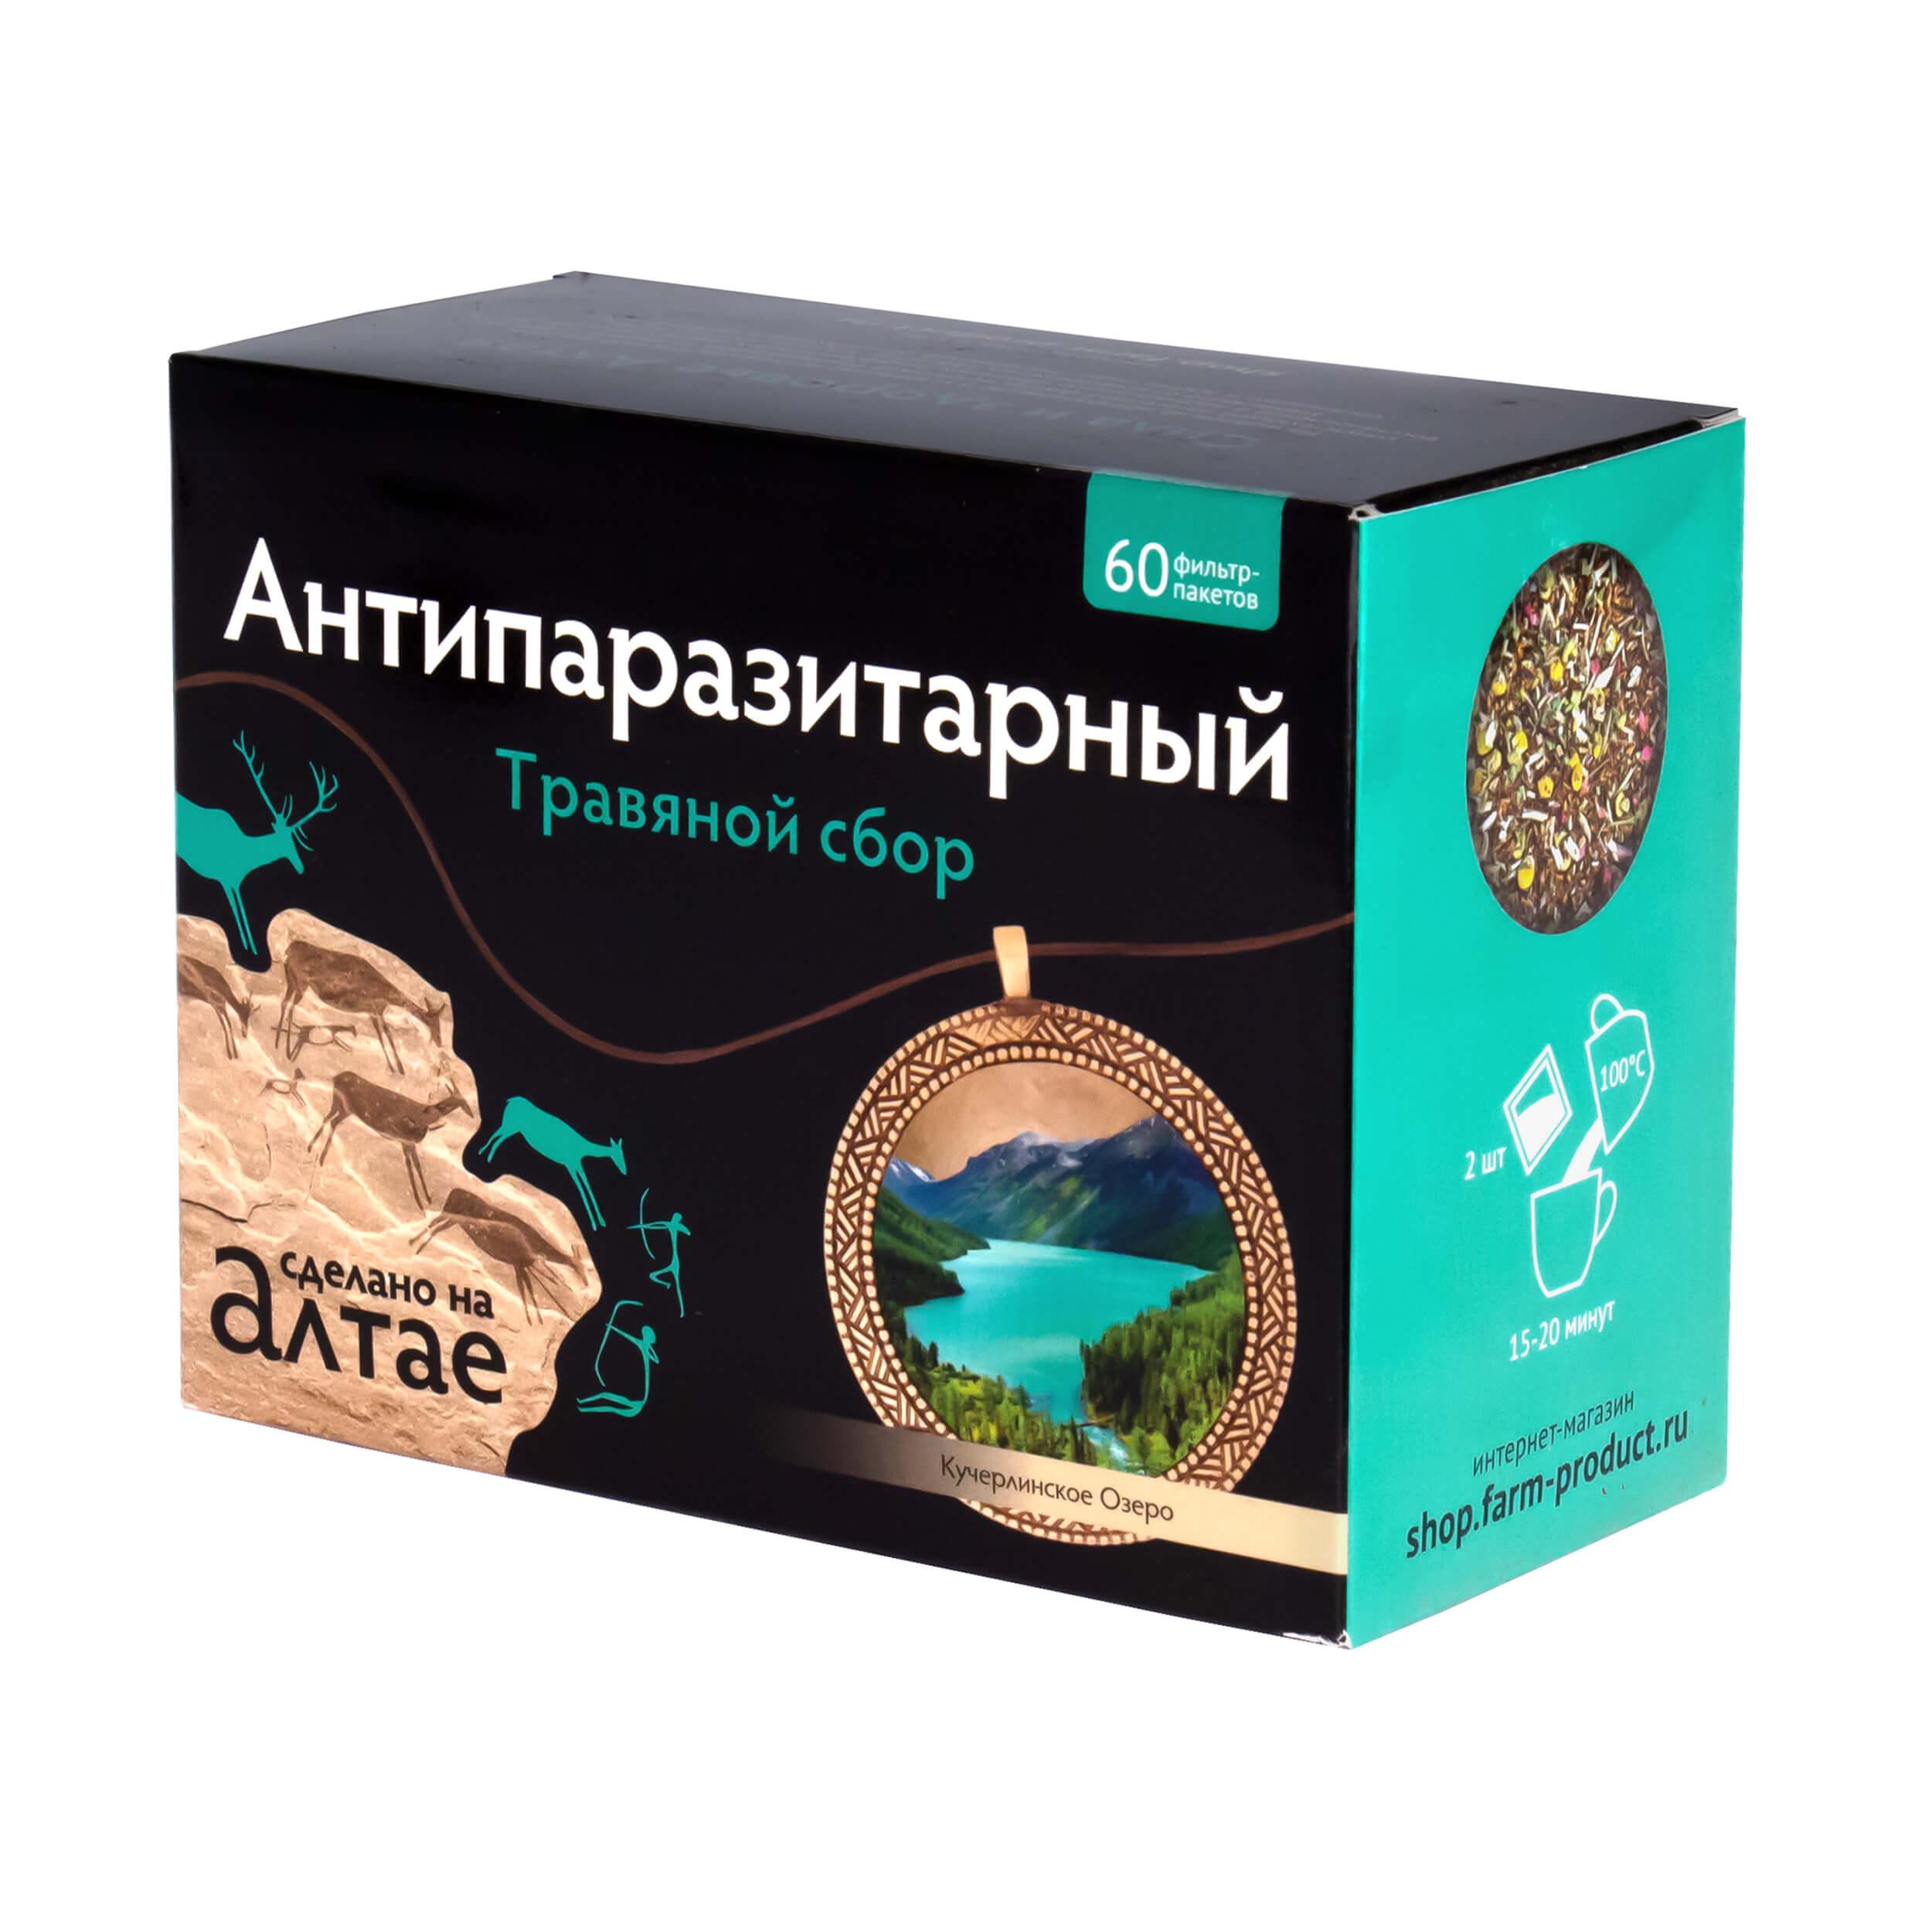 Сбор травяной Антипаразитарный (60 фильтр пакетов) фото